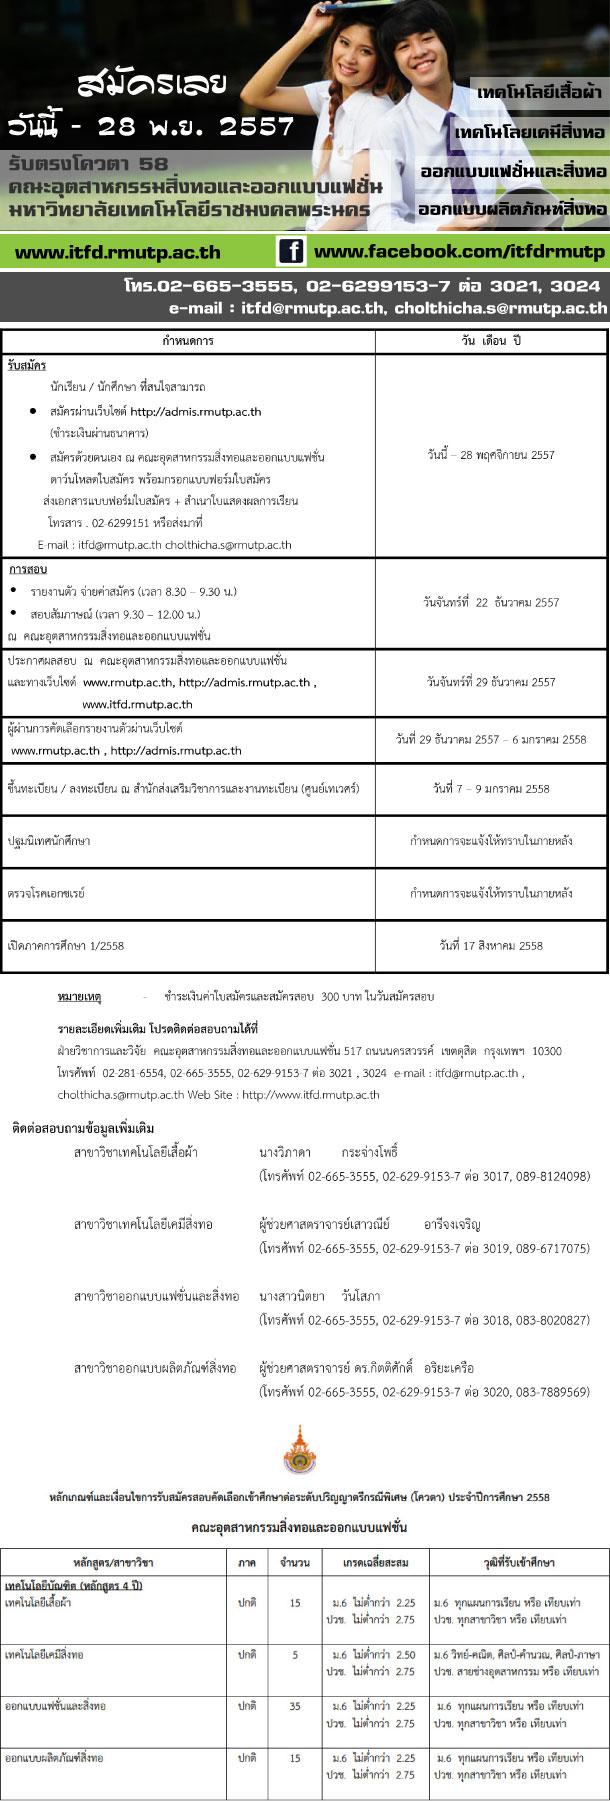 bannerlong58-2